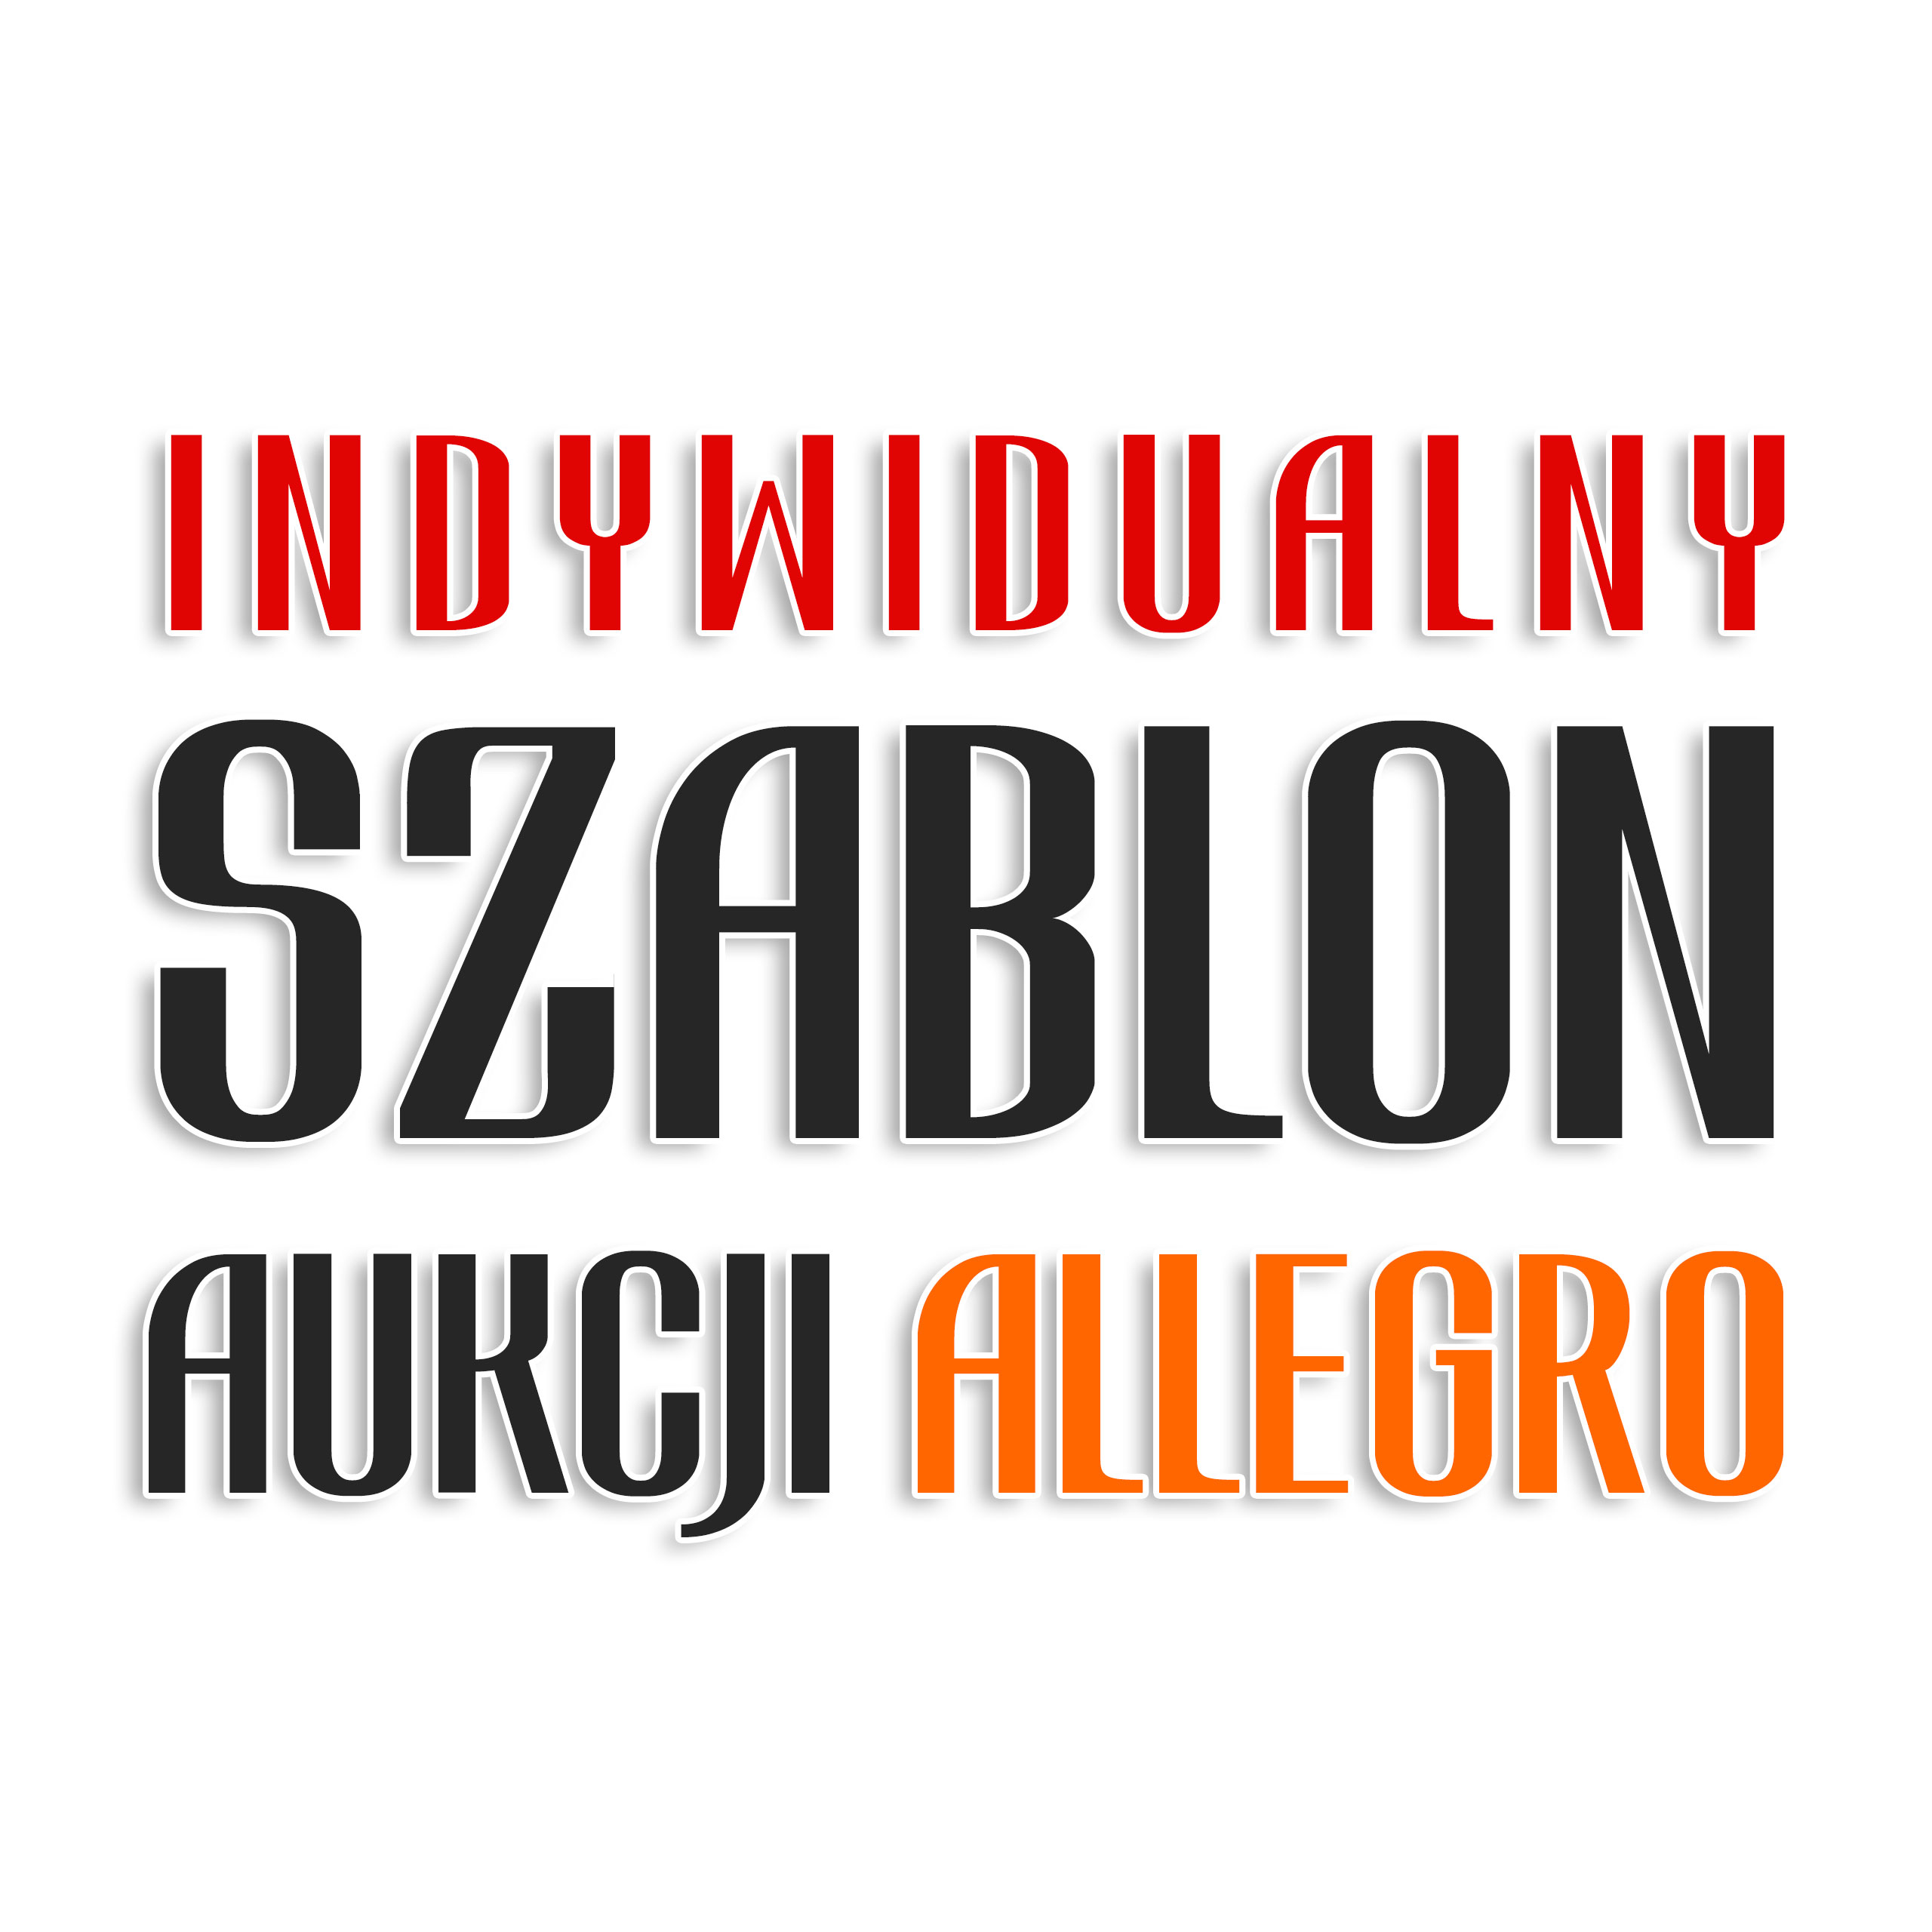 Indywidualny Szablon Aukcji Allegro Szablony Sklep Komputerowy Allegro Pl